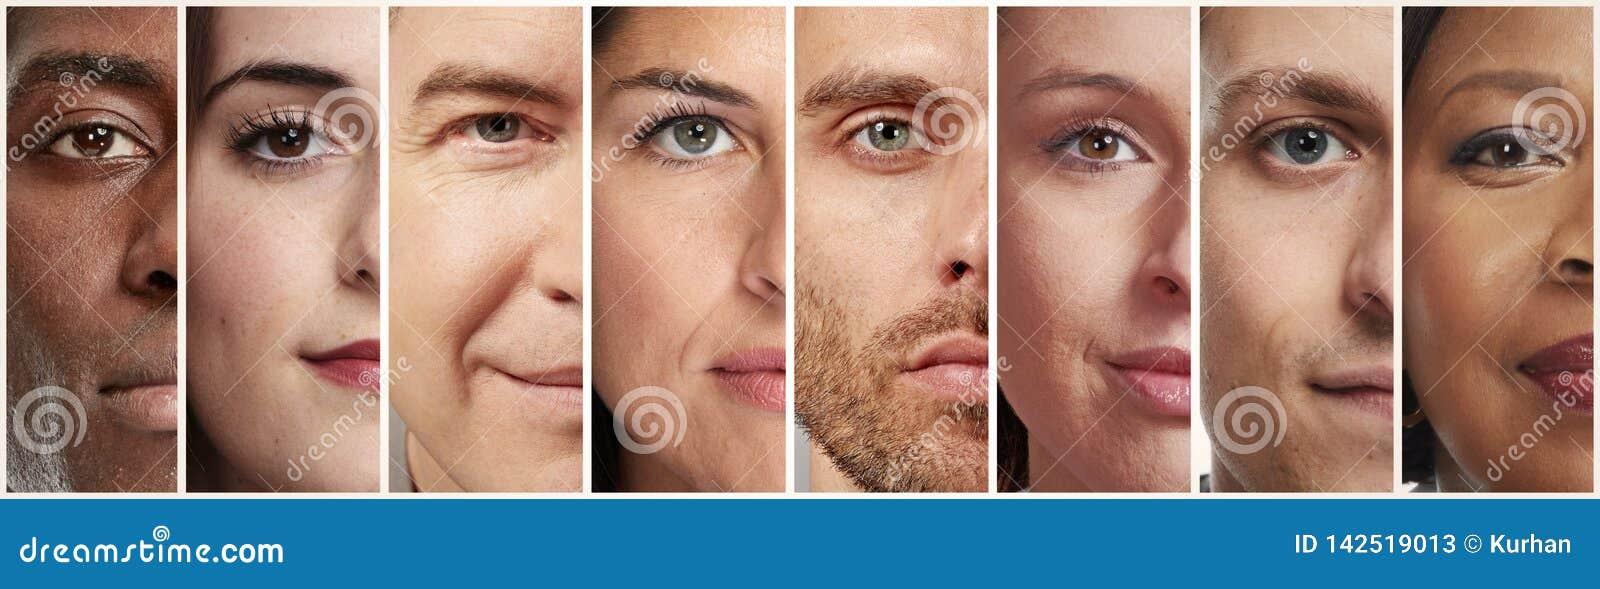 Spokojni ludzie twarzy